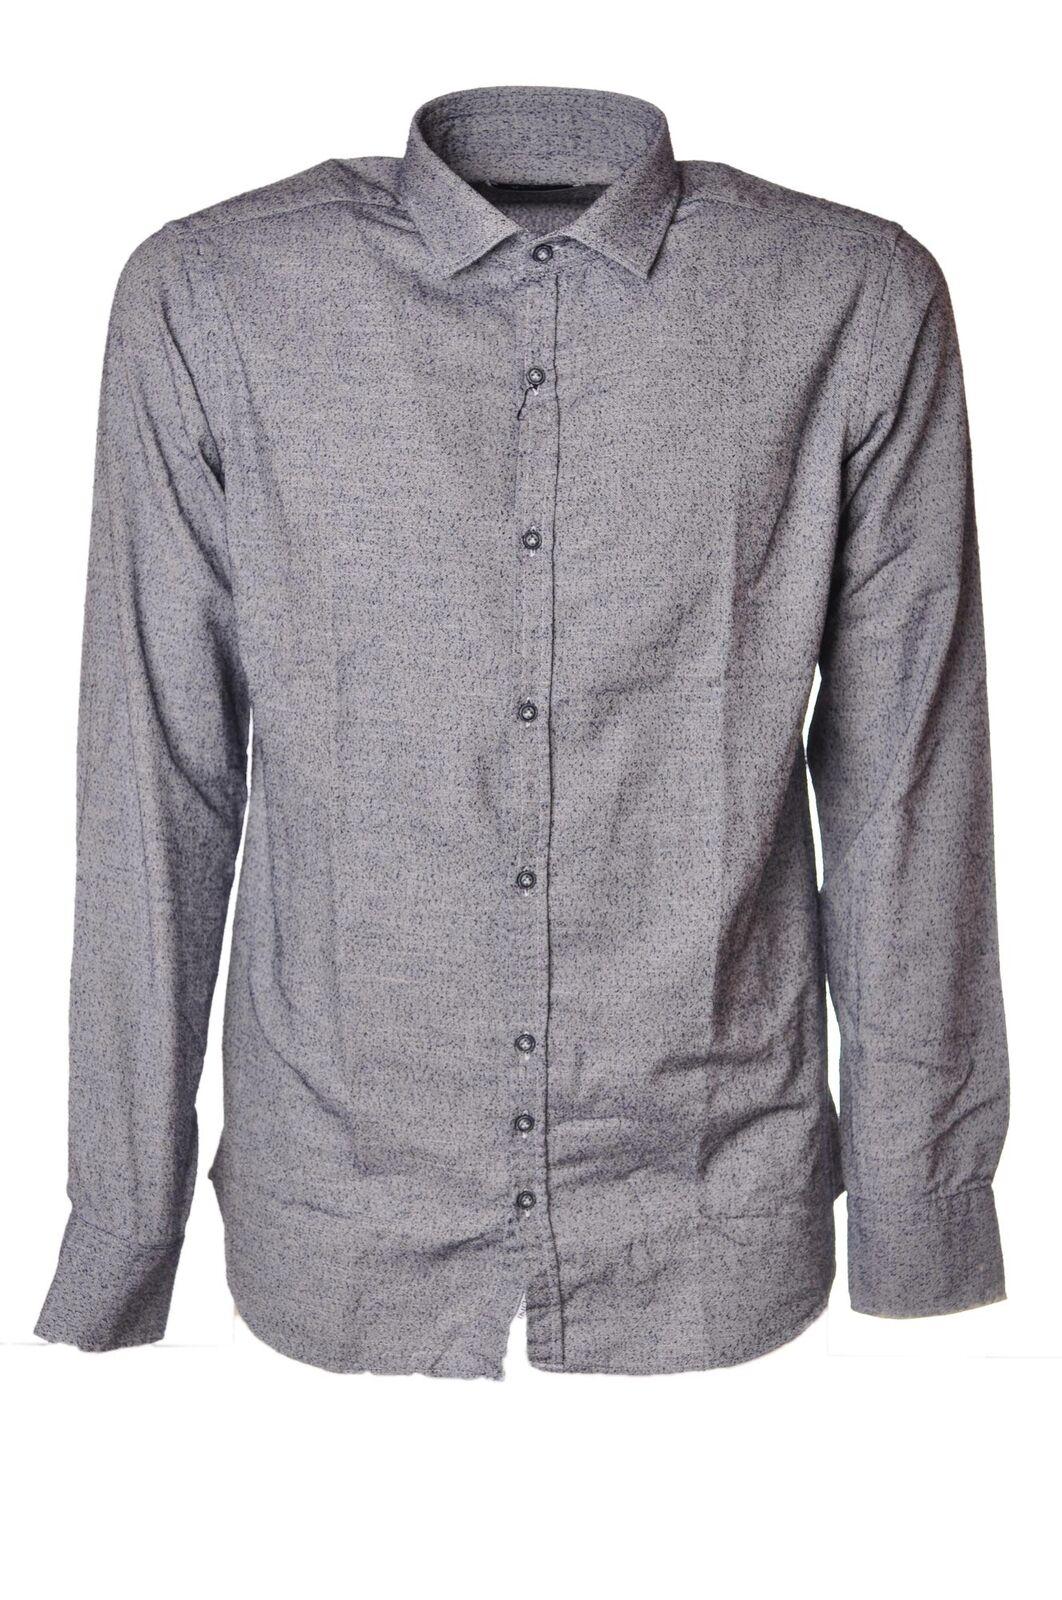 Aglini  -  Camiseta - Hombre - Blau - 4330126A184656